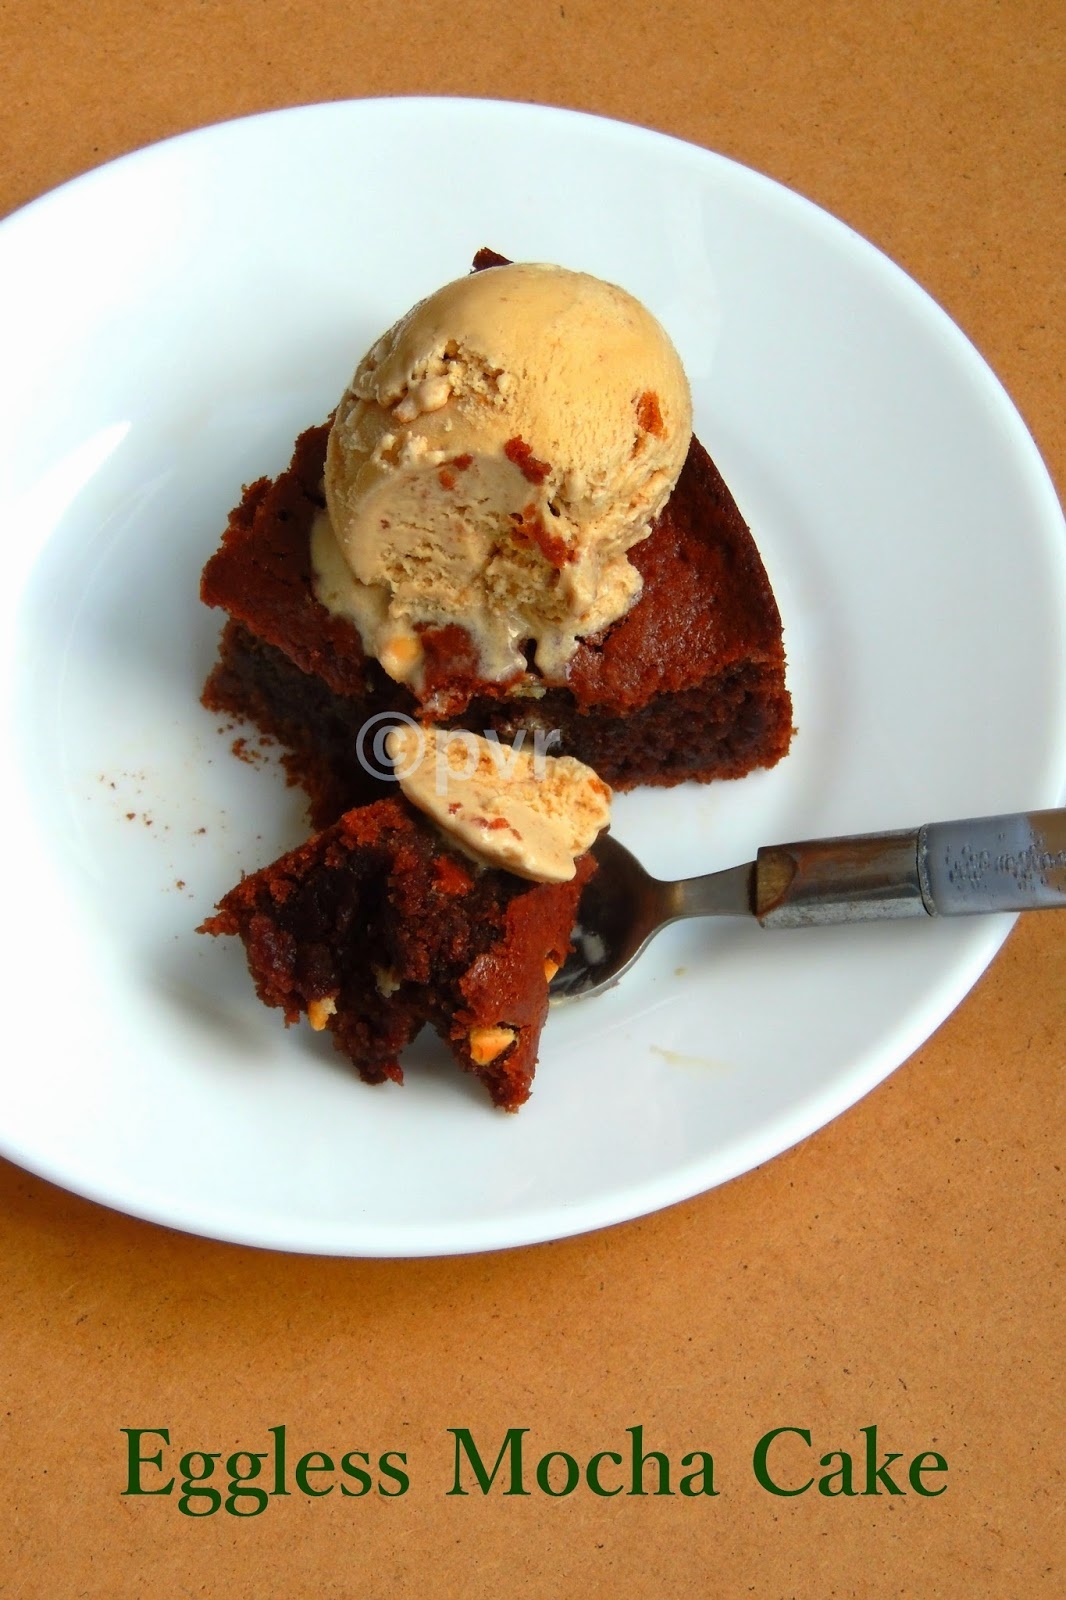 Eggless Mocha cake, Eggless chocolate coffee cake, eggless mocha cake with applesauce